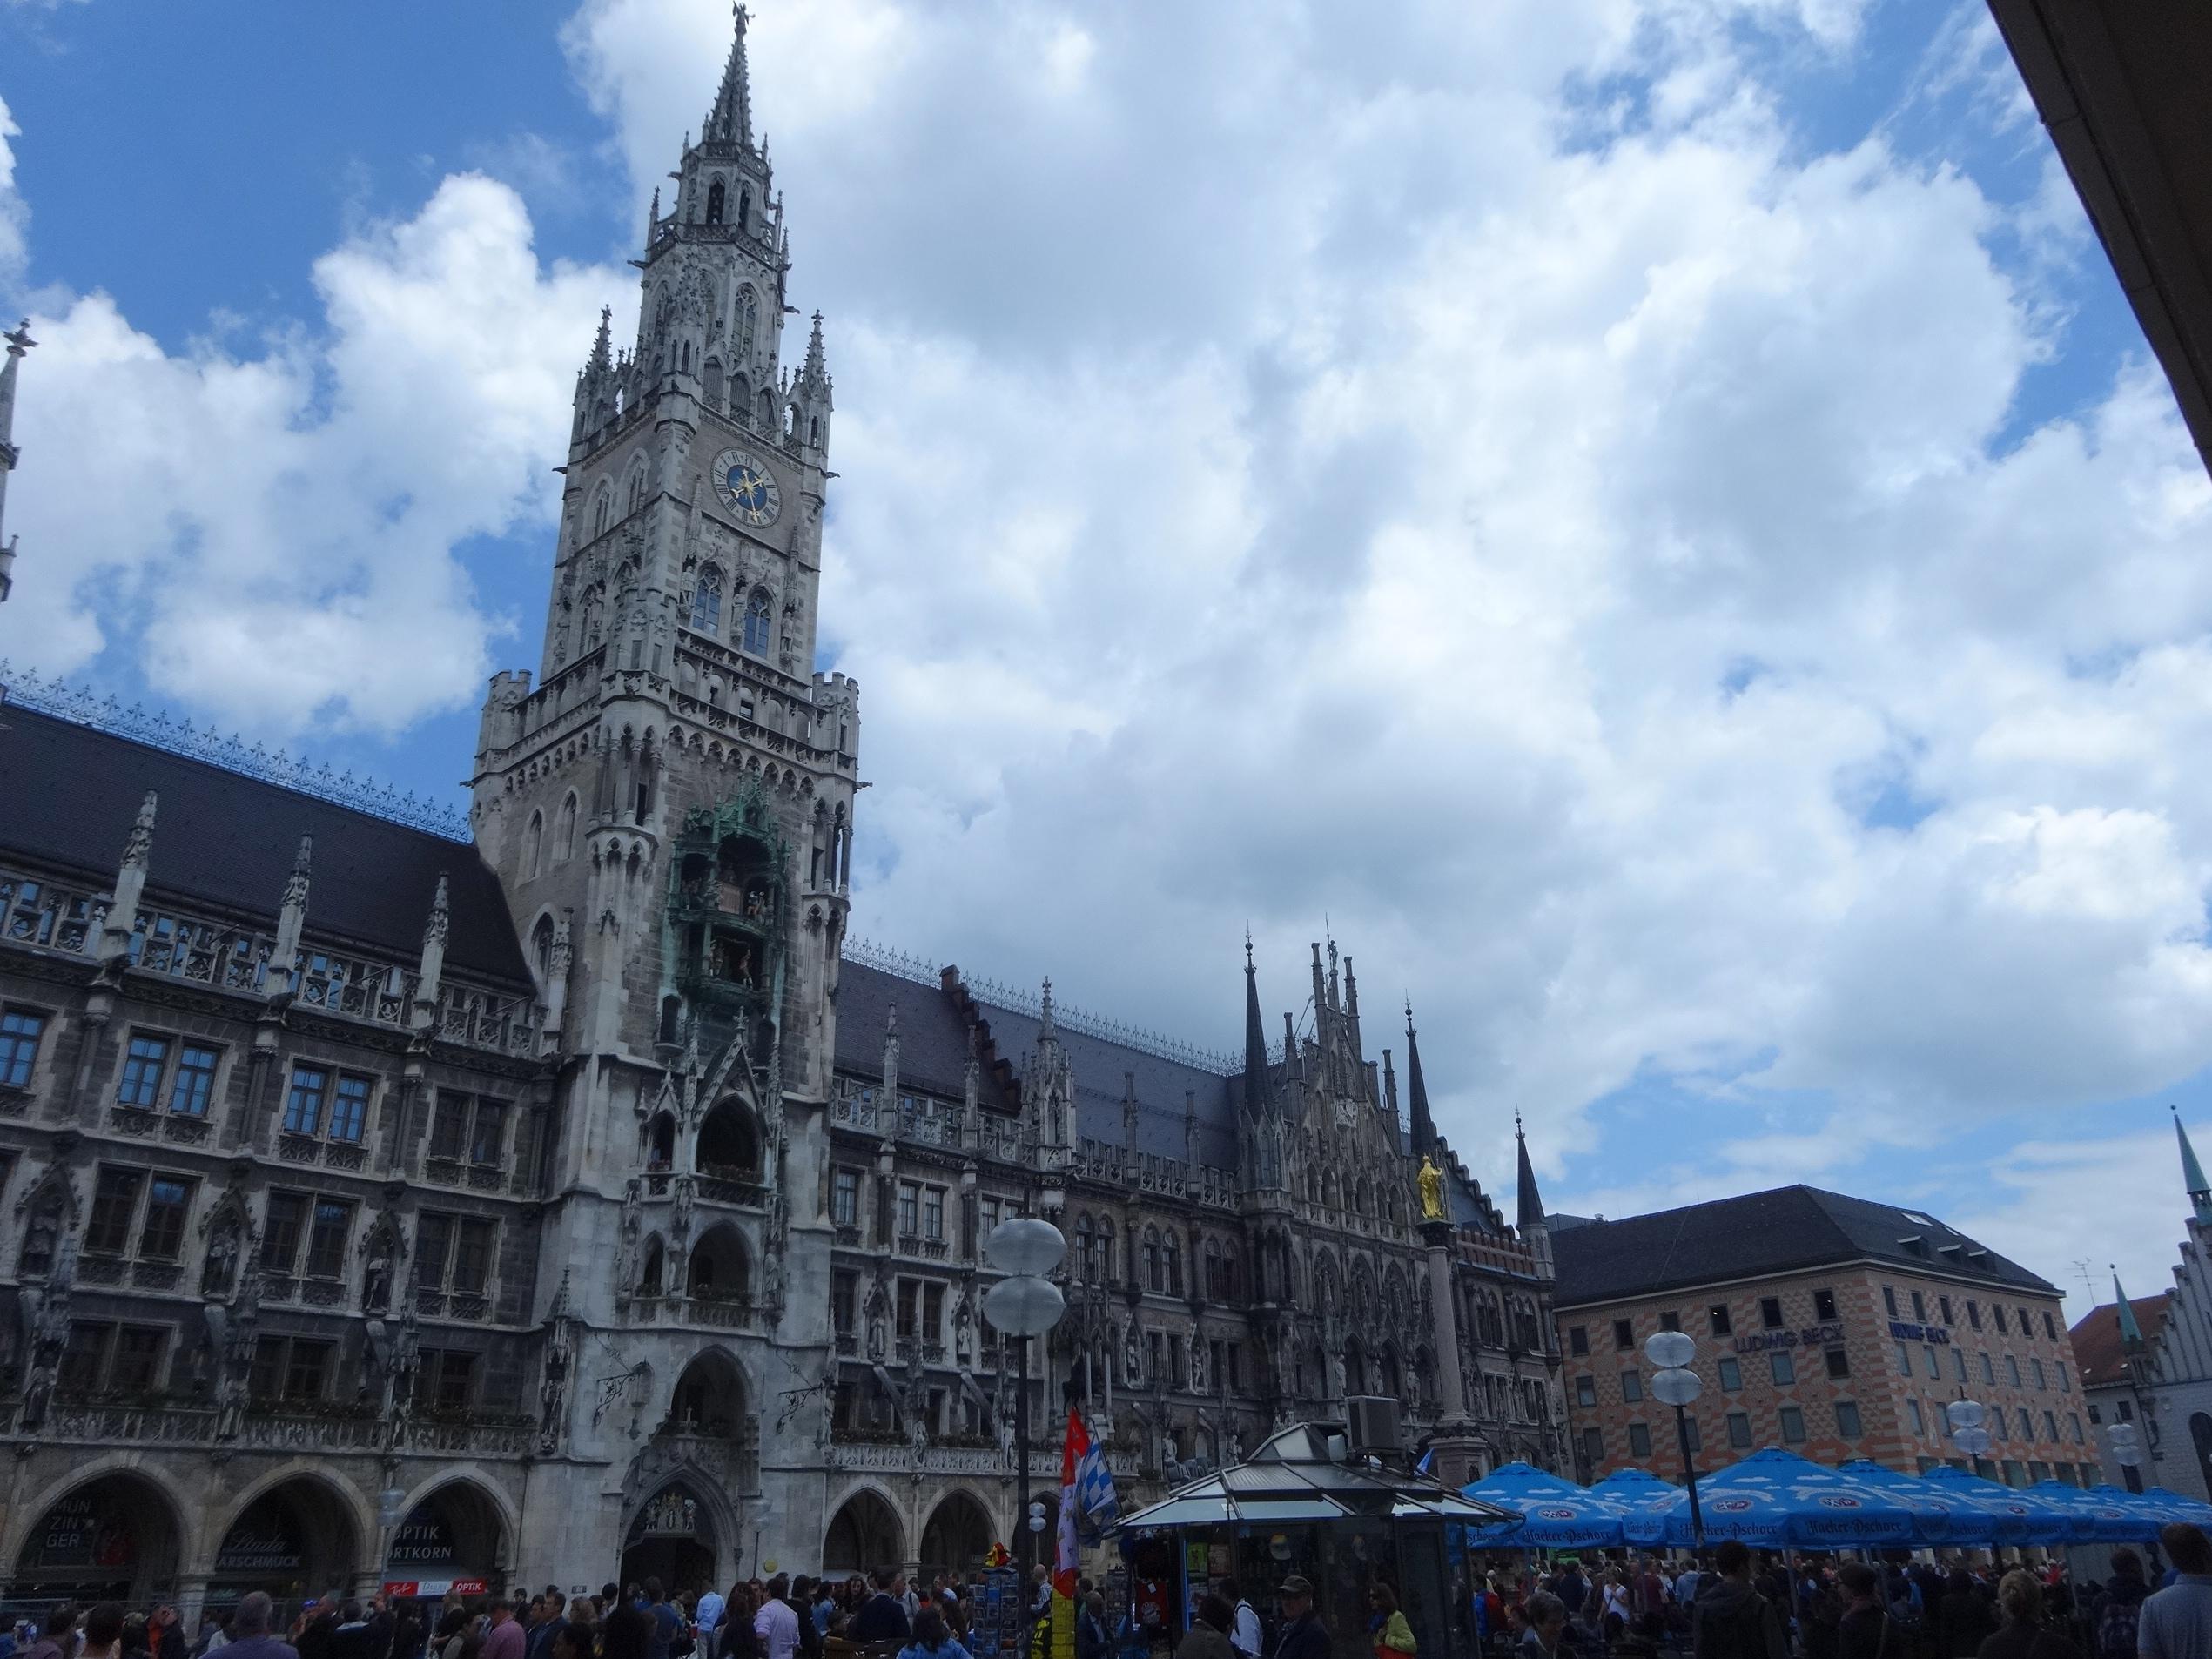 Neues Rathaus - München - City Hall